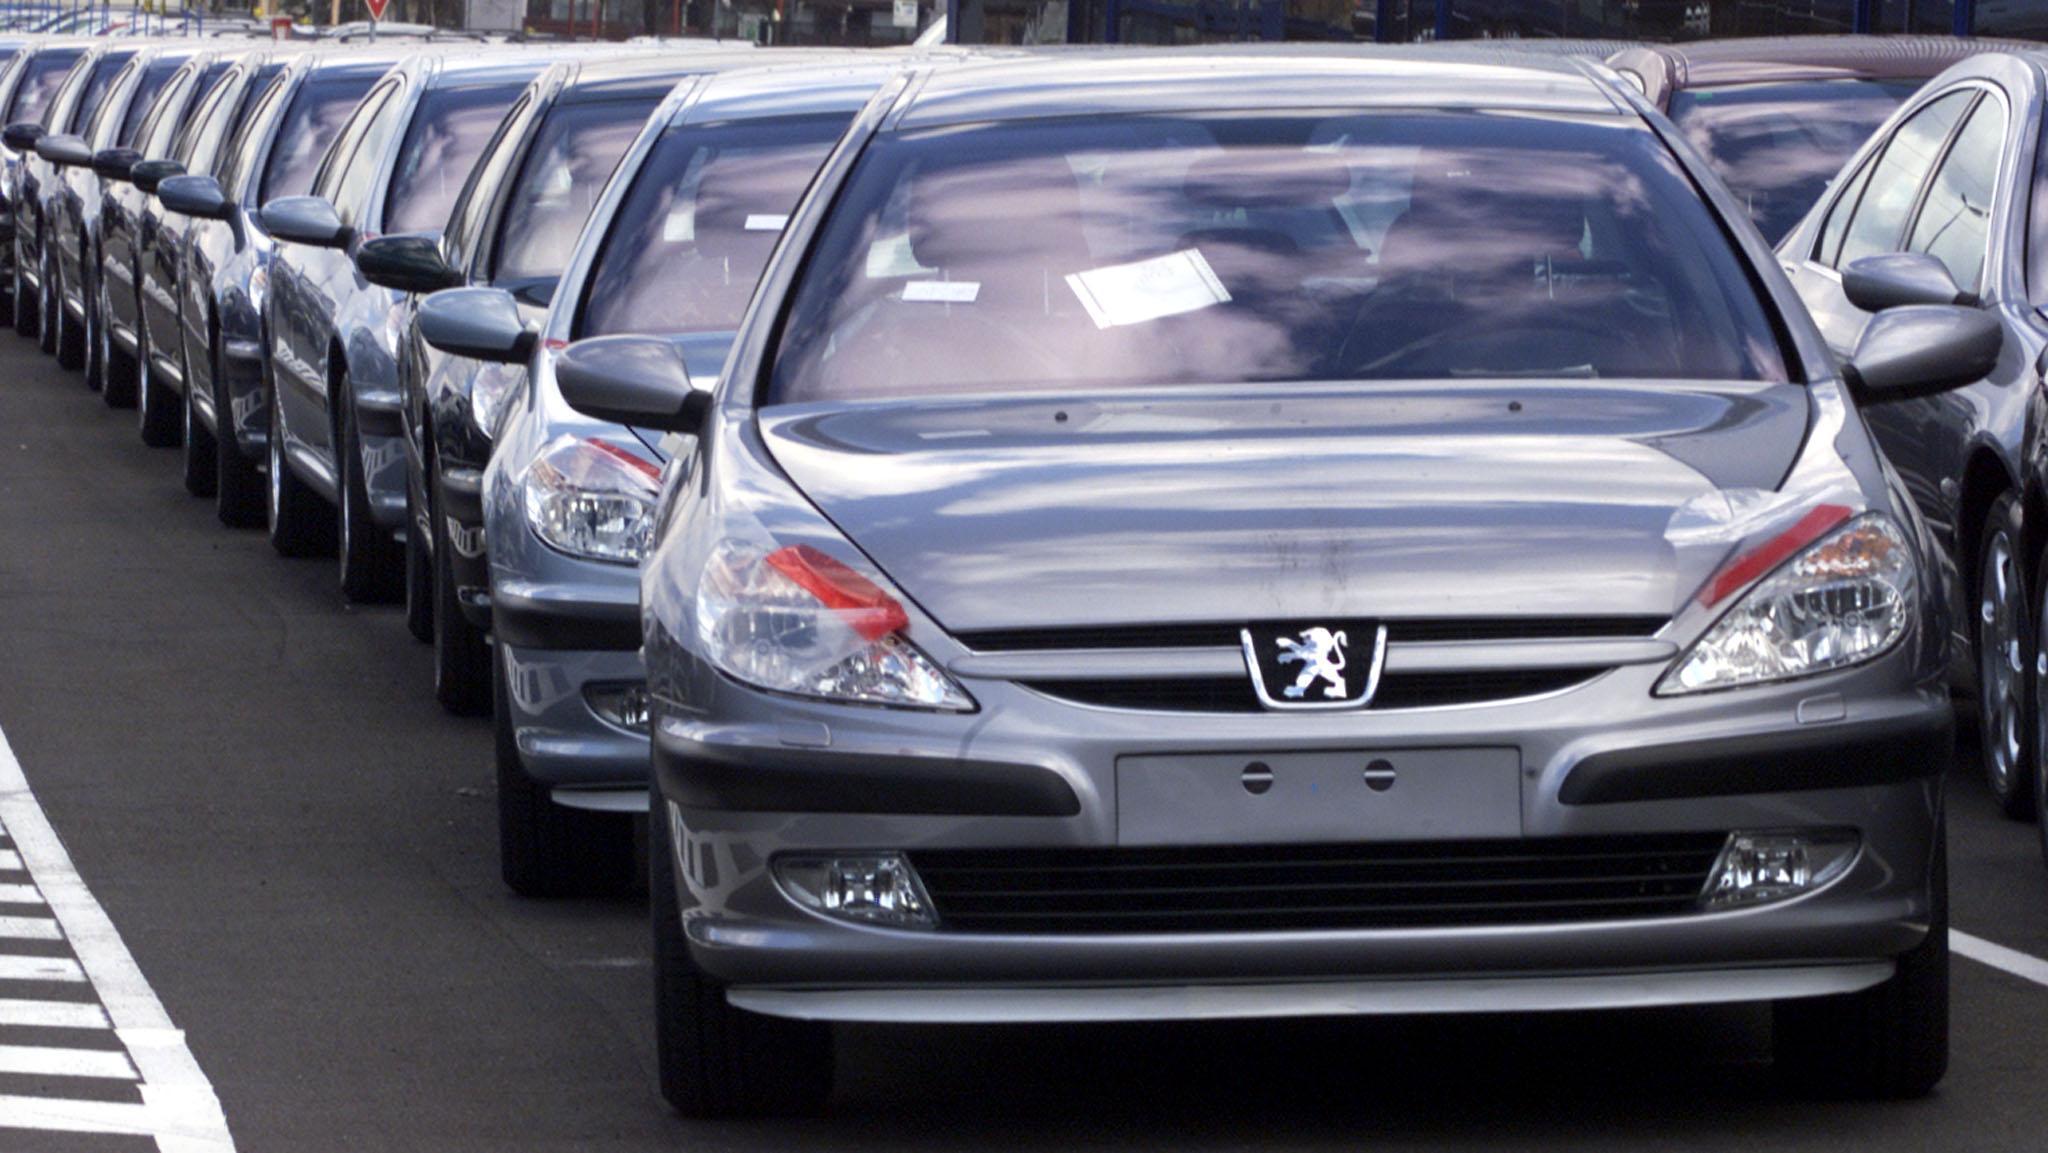 بازار بزرگی که دربست به فرانسوی ها داده شد/ پژو ۴۴۴ هزار خودرو به ایران فروخت